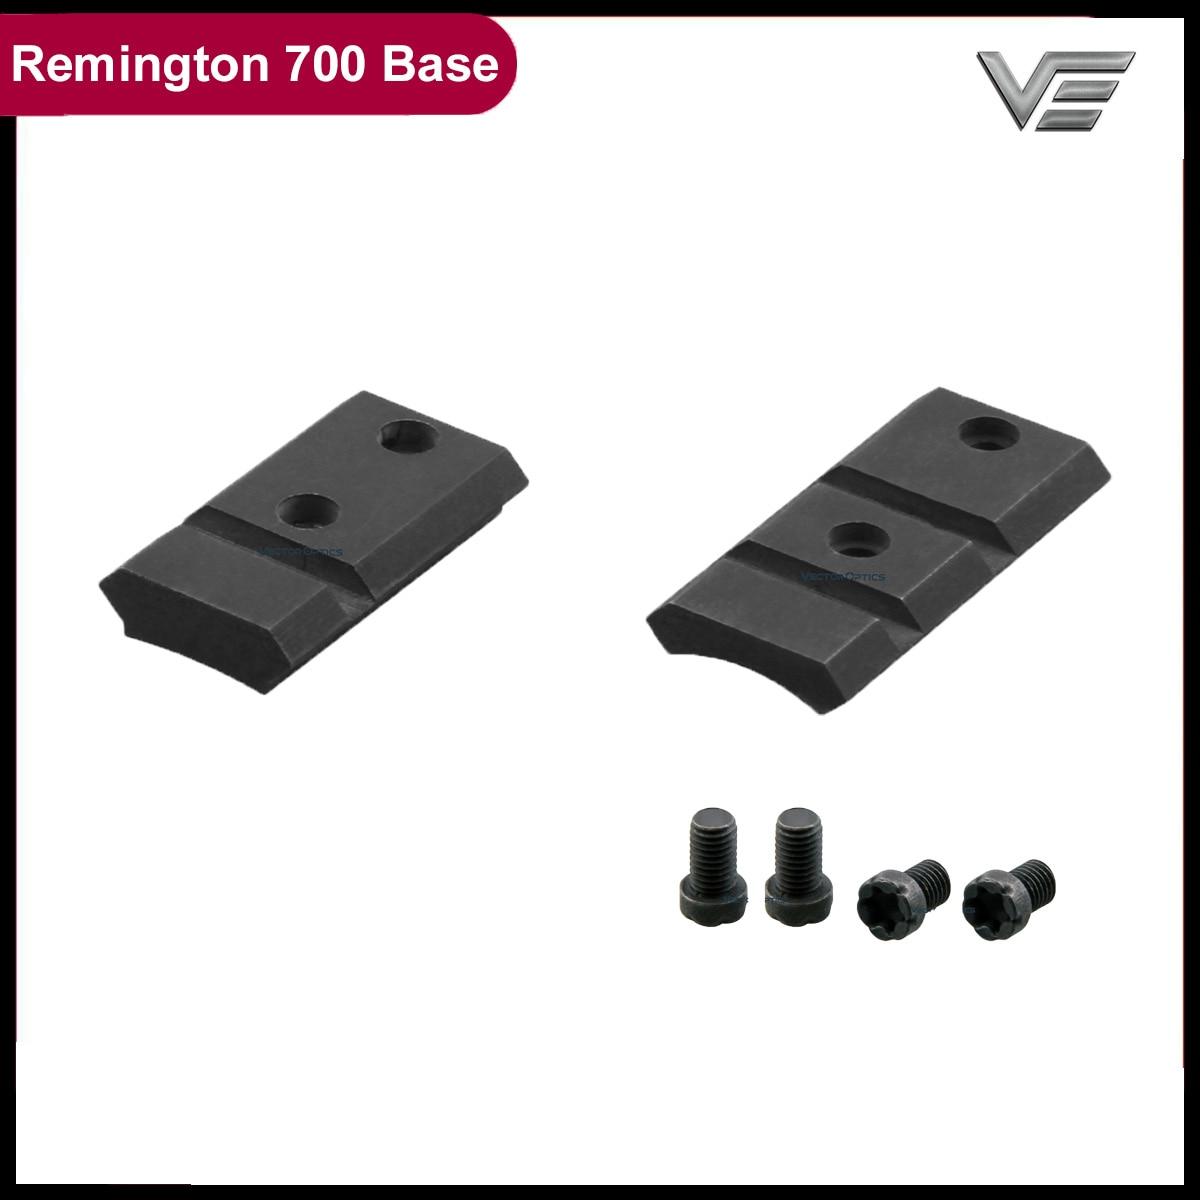 Optique vectorielle Remington 700 Picatinny monture Base courte longue en acier fait 21mm Rail